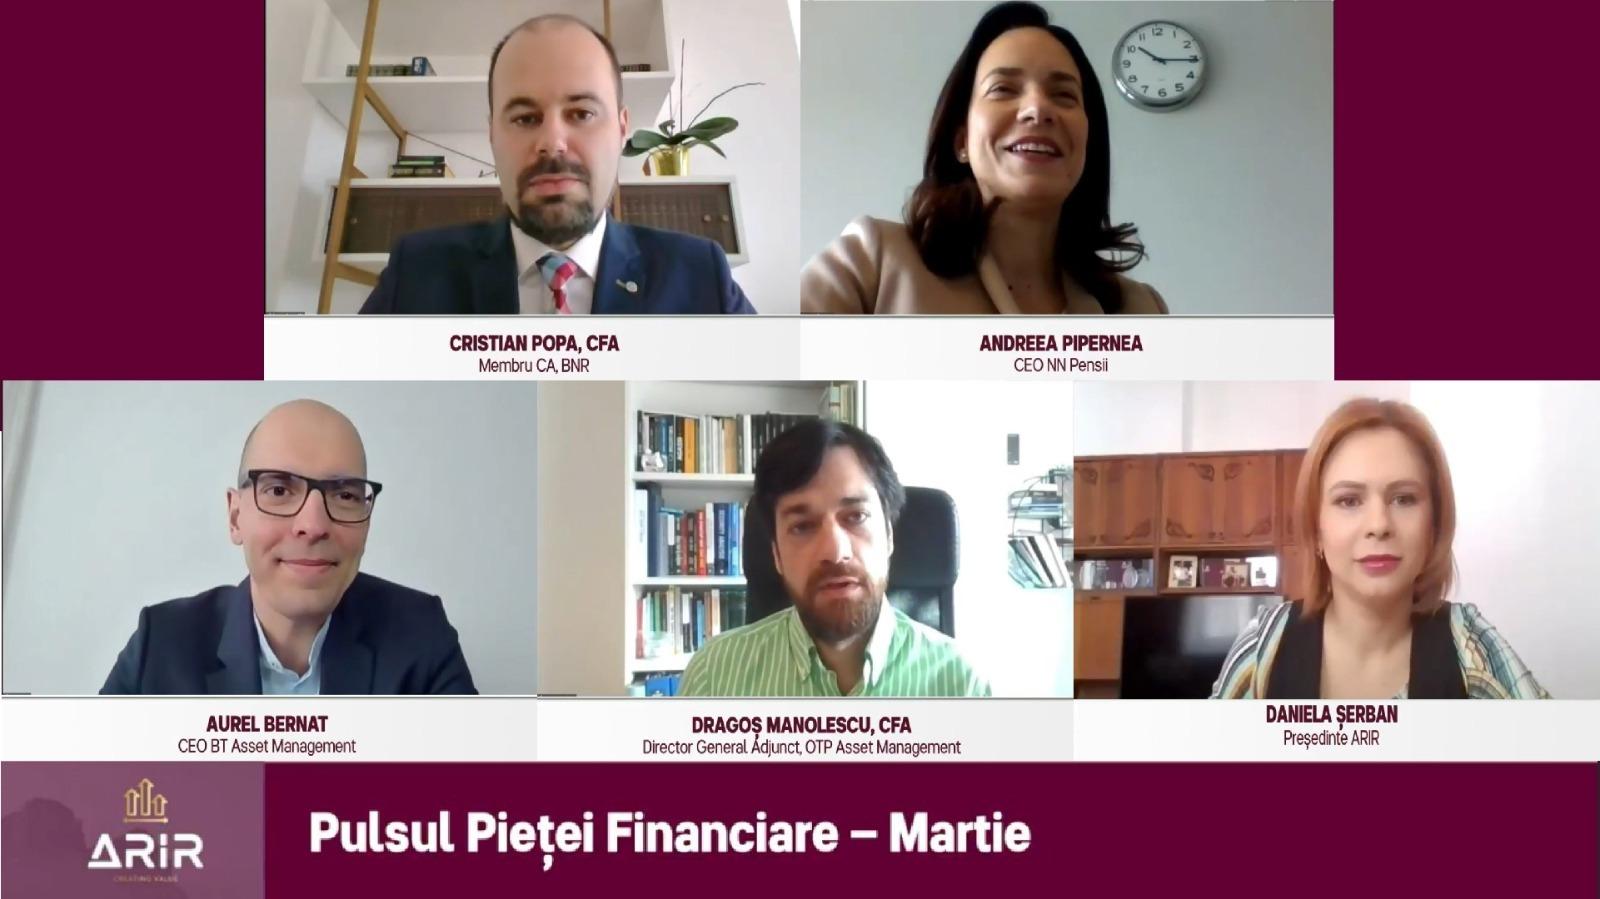 Cristian Popa (BNR): Cred că este cel mai bun moment pentru stat să listeze companiile la bursă